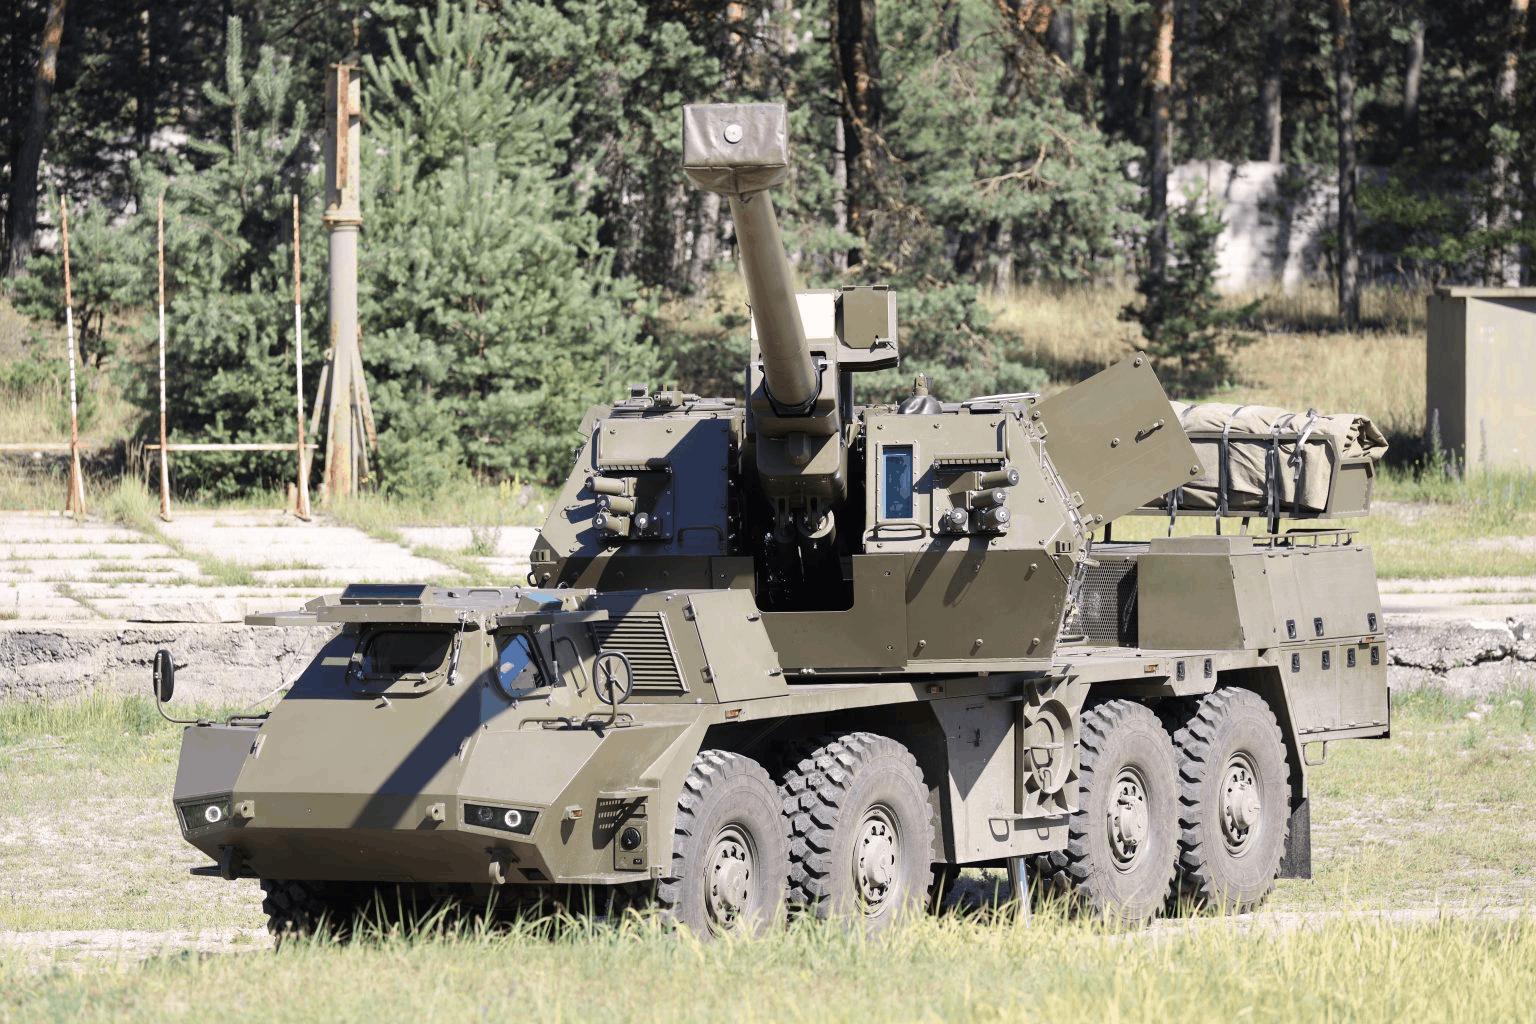 Самохідна артилерійська установка (САУ) Zuzana 2